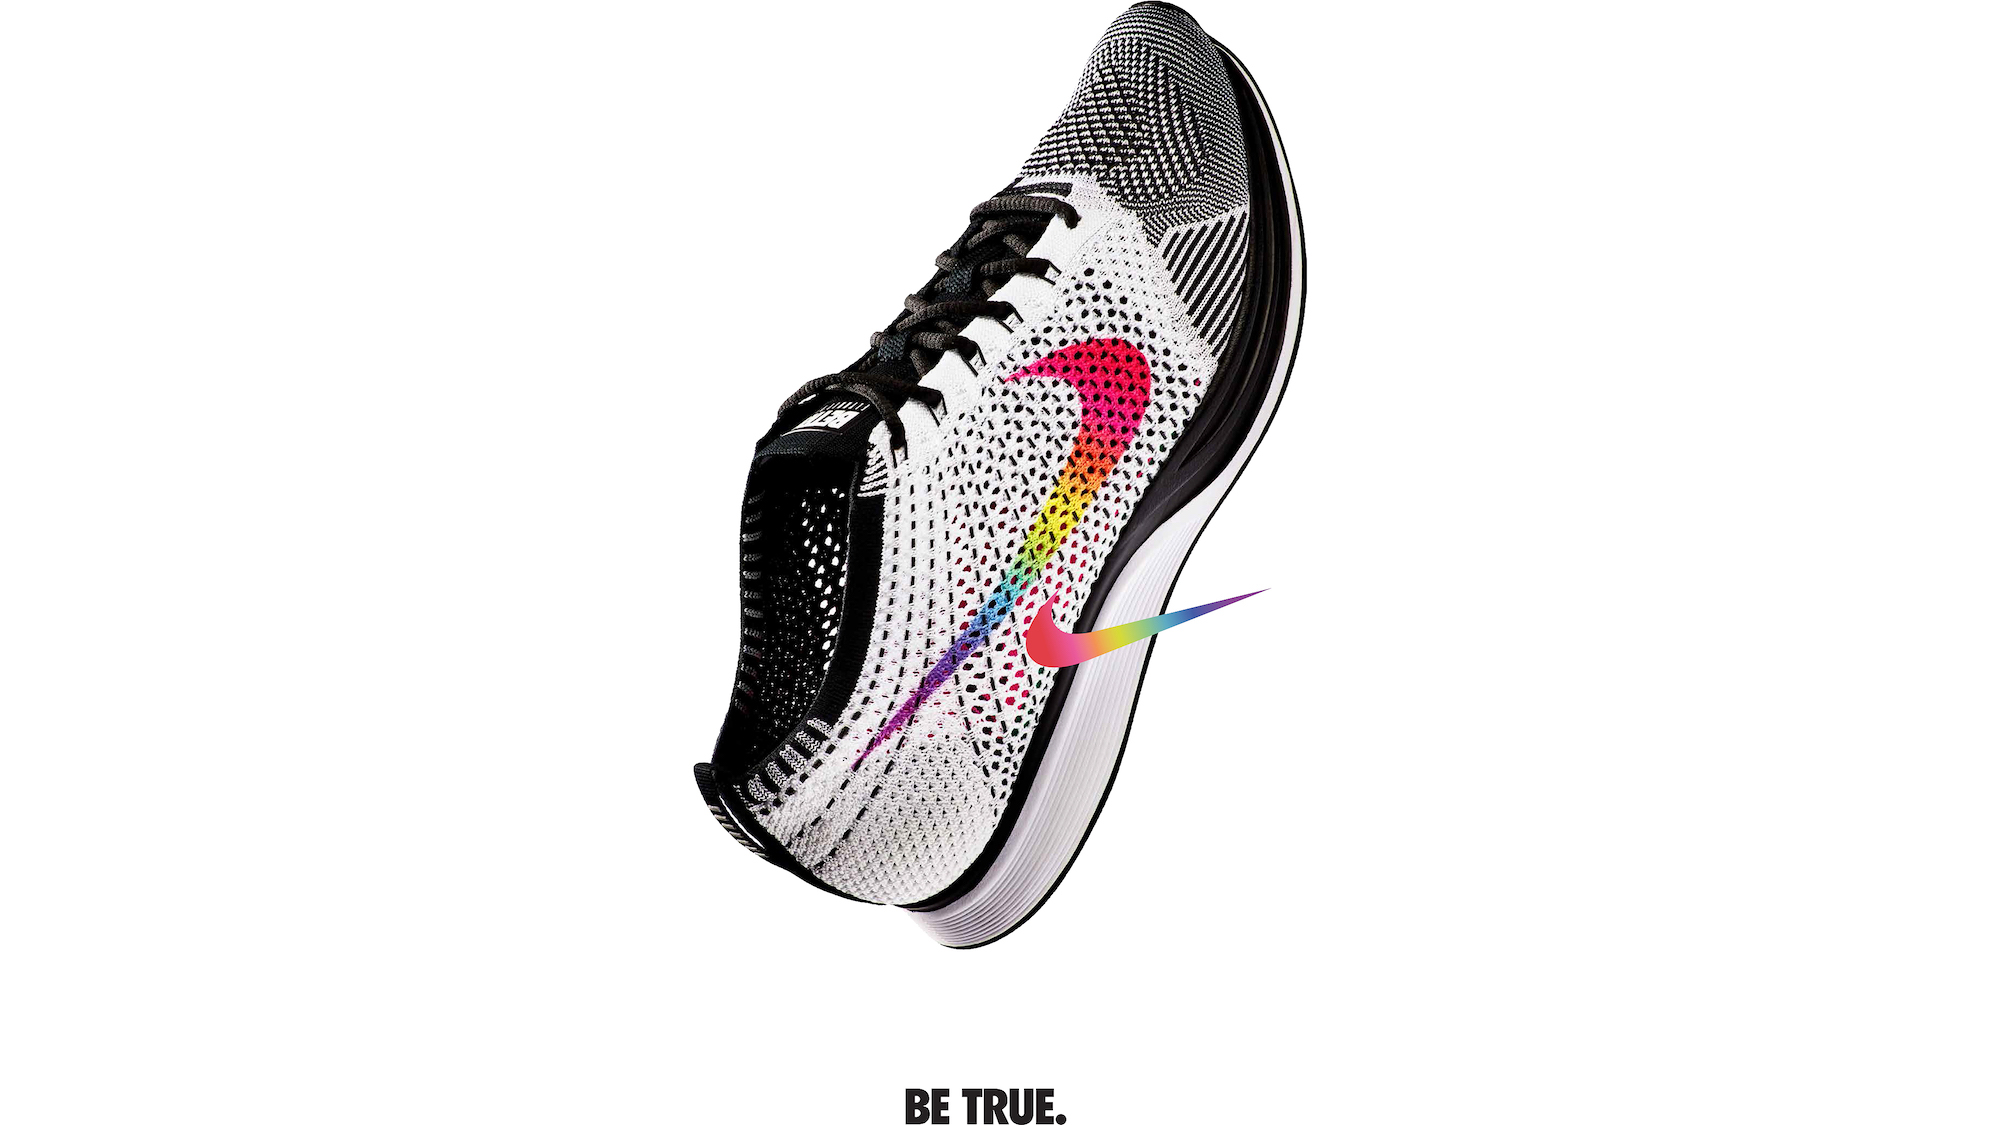 b4f84424bebe6 Nike Flyknit Racer BETRUE 0 - WearTesters